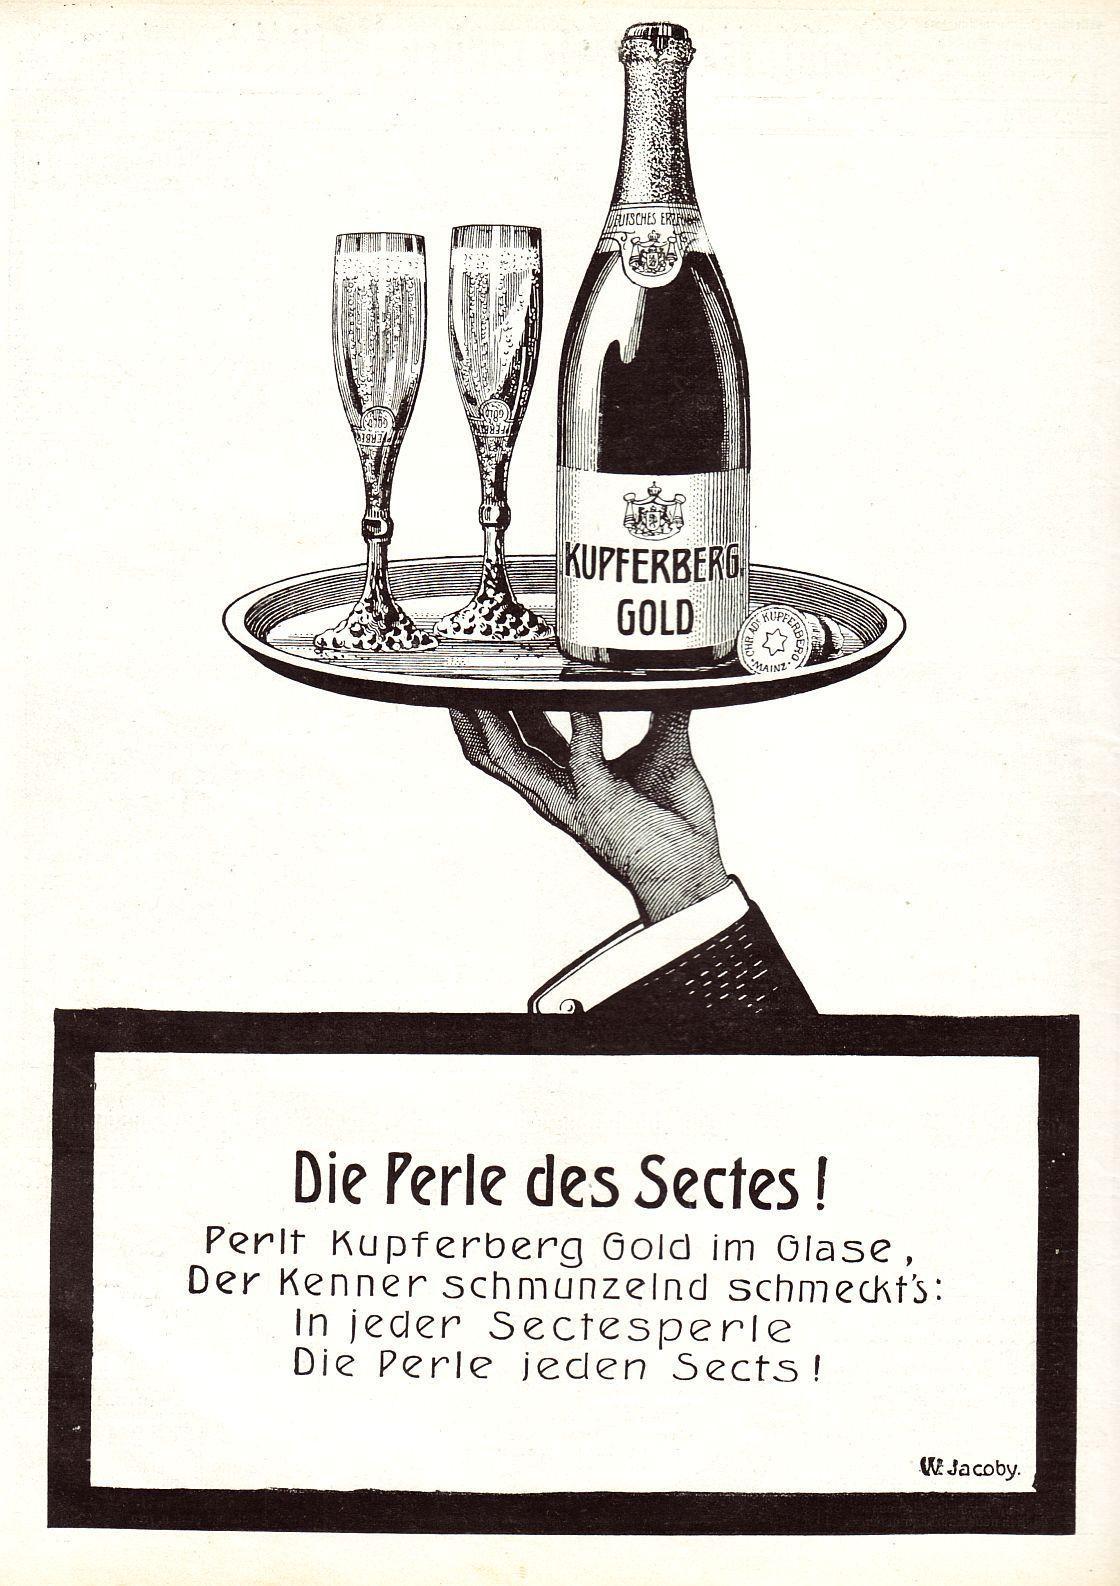 12 x Original-Werbung/ Anzeigen 1907 : KUPFERBERG GOLD SEKT | eBay